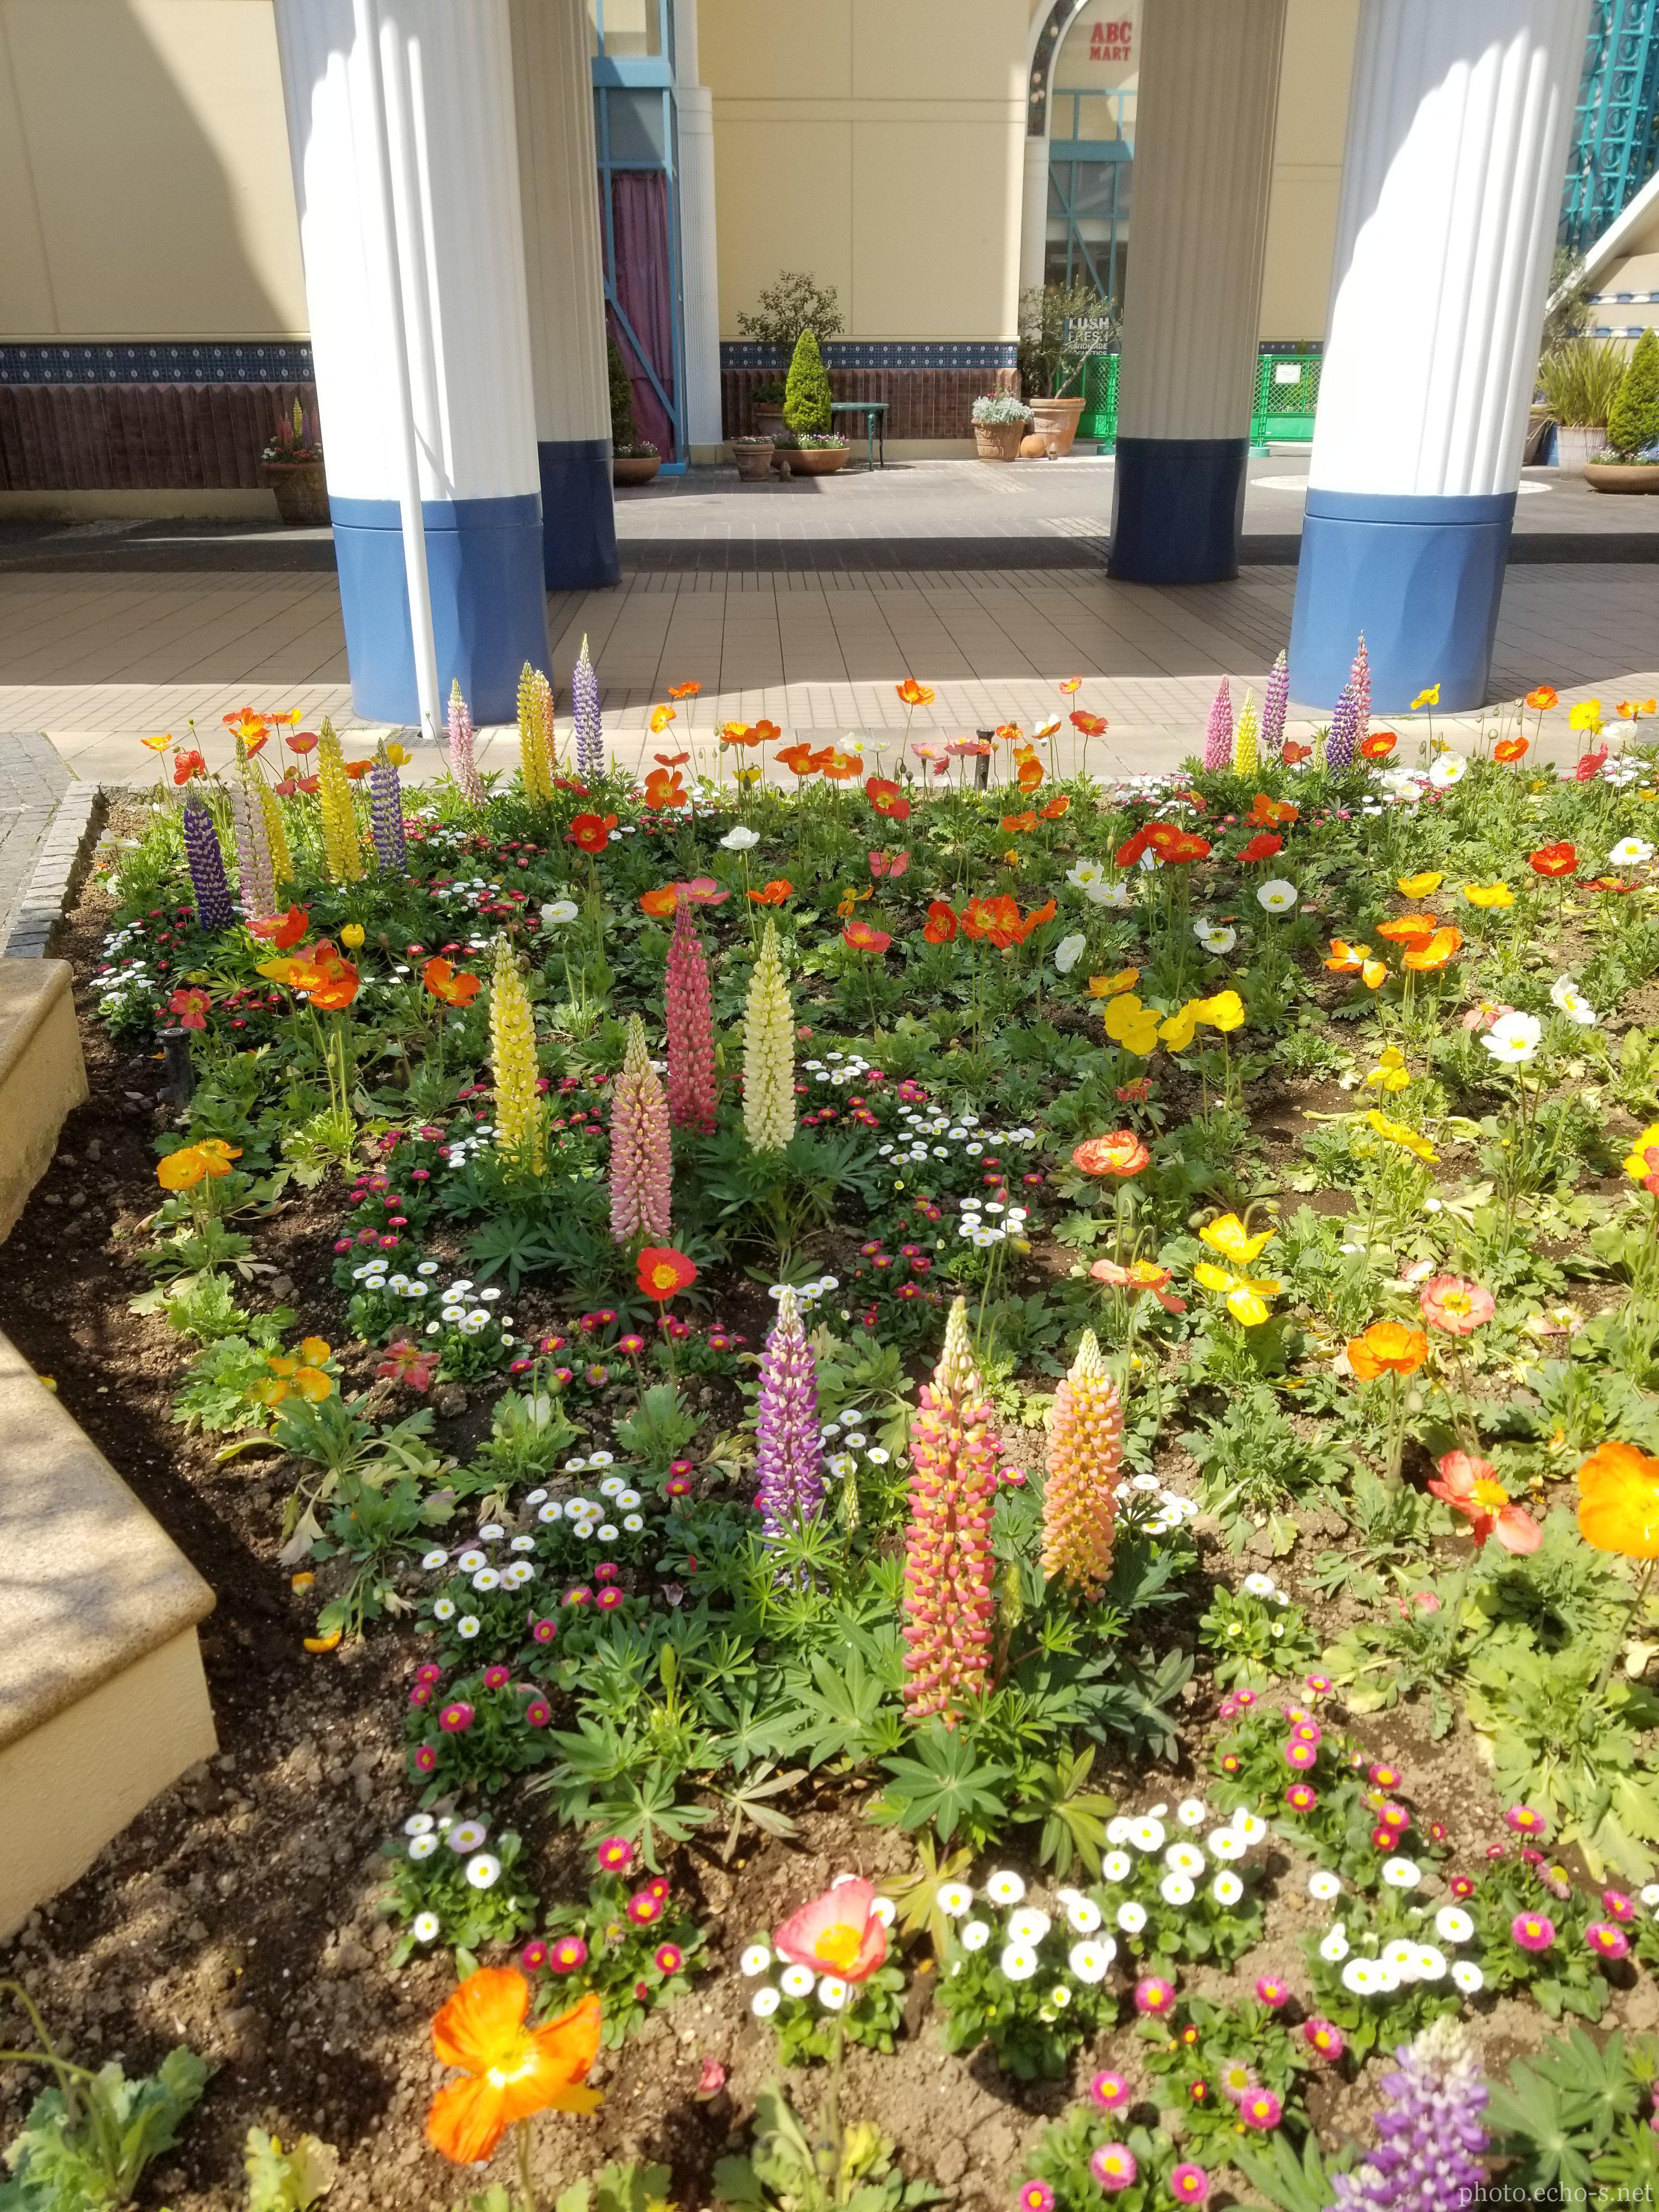 舞浜 イクスピアリ ディズニーアンバサダーホテル中庭 花壇